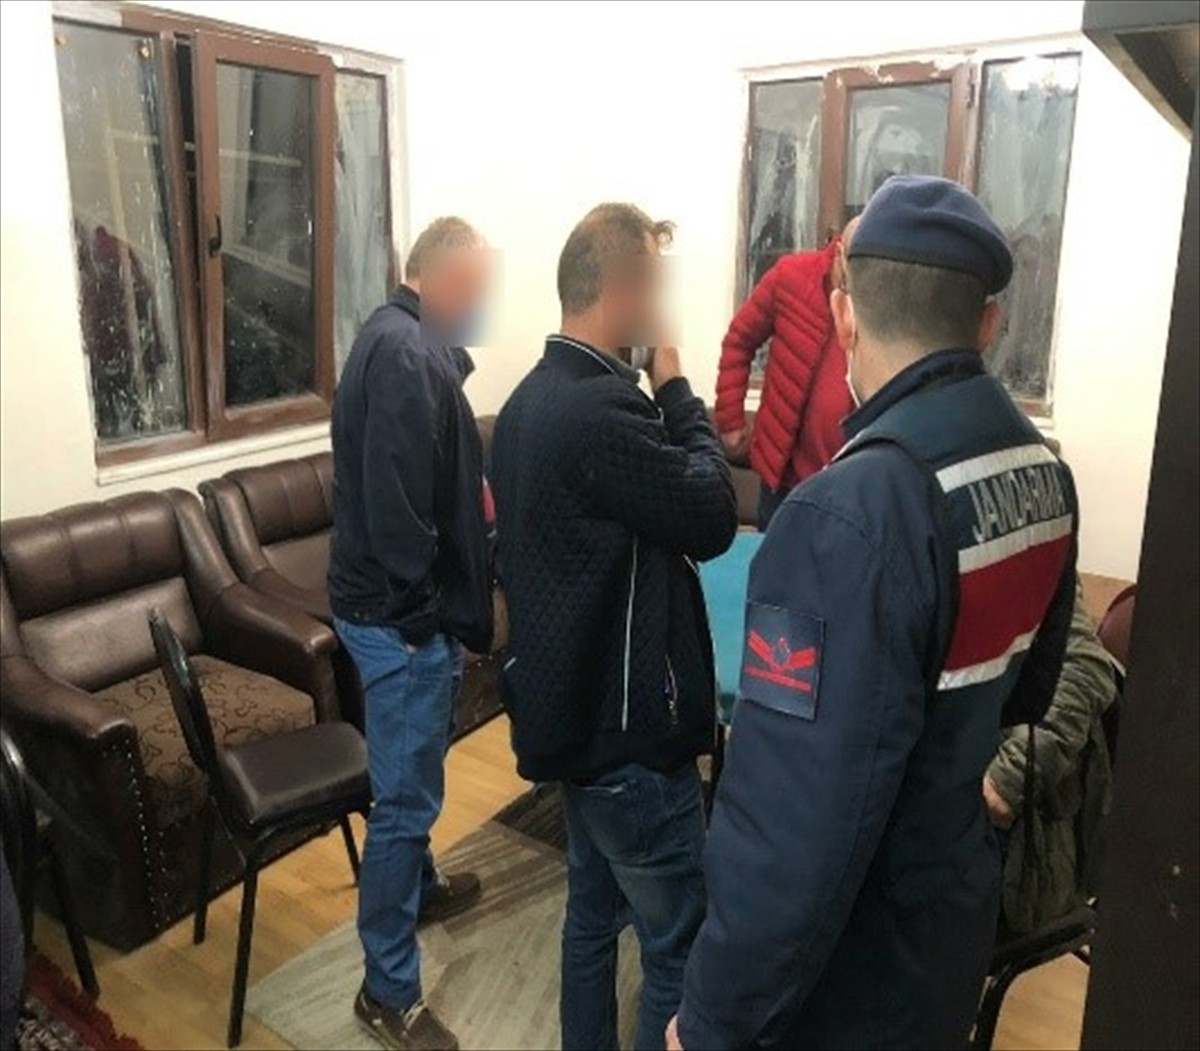 Trabzon'da evde toplanıp alkol alan 23 kişiye 72 bin 450 lira ceza kesildi